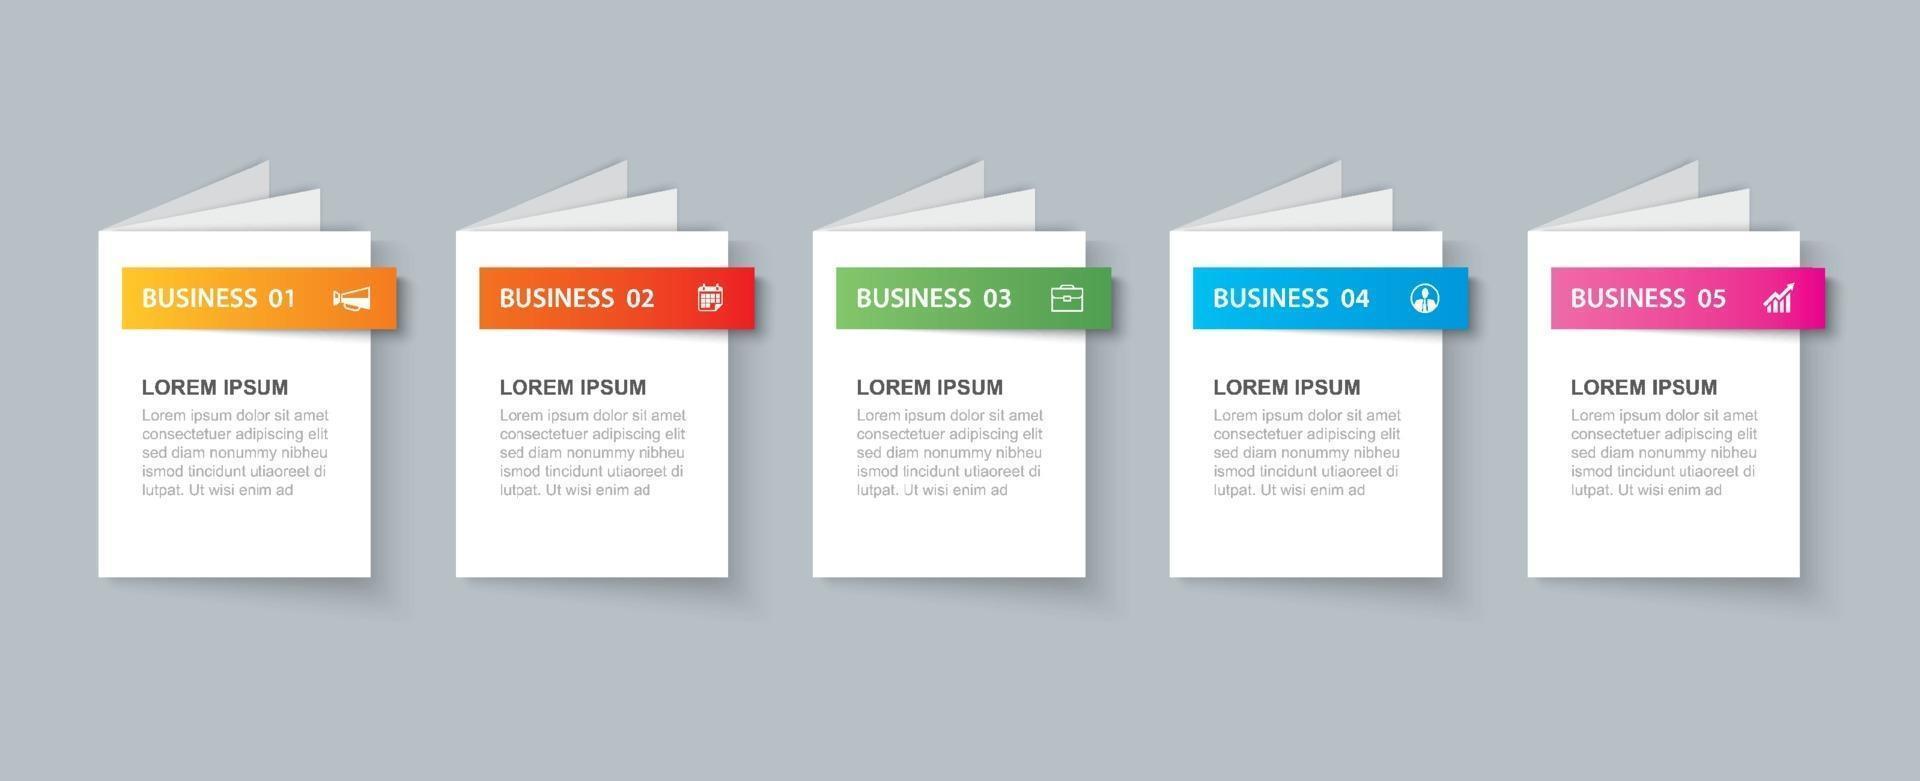 modèle de livre infographie entreprise avec 5 données. peut être utilisé pour la mise en page du flux de travail, le diagramme, les options de nombre, la conception Web, les présentations vecteur